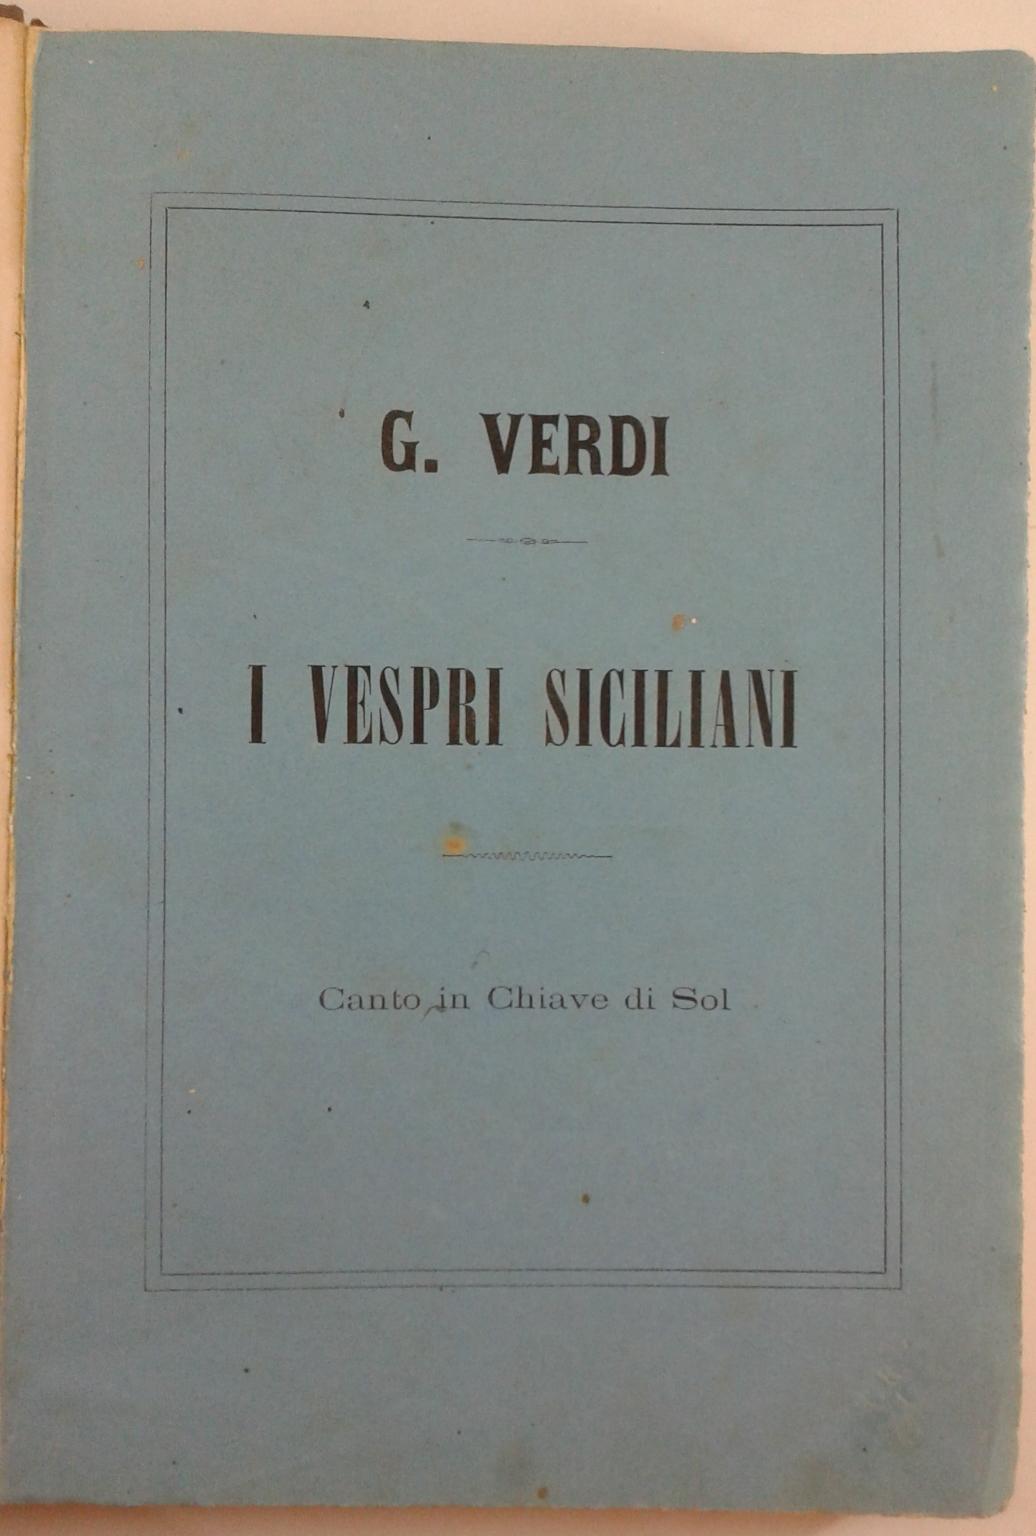 I Vespri Siciliani Opera W Pięciu Aktach Wiersz G Pisarz I C Duveyrier Muzyki Nauczyciela Cavgiuseppe Verdi